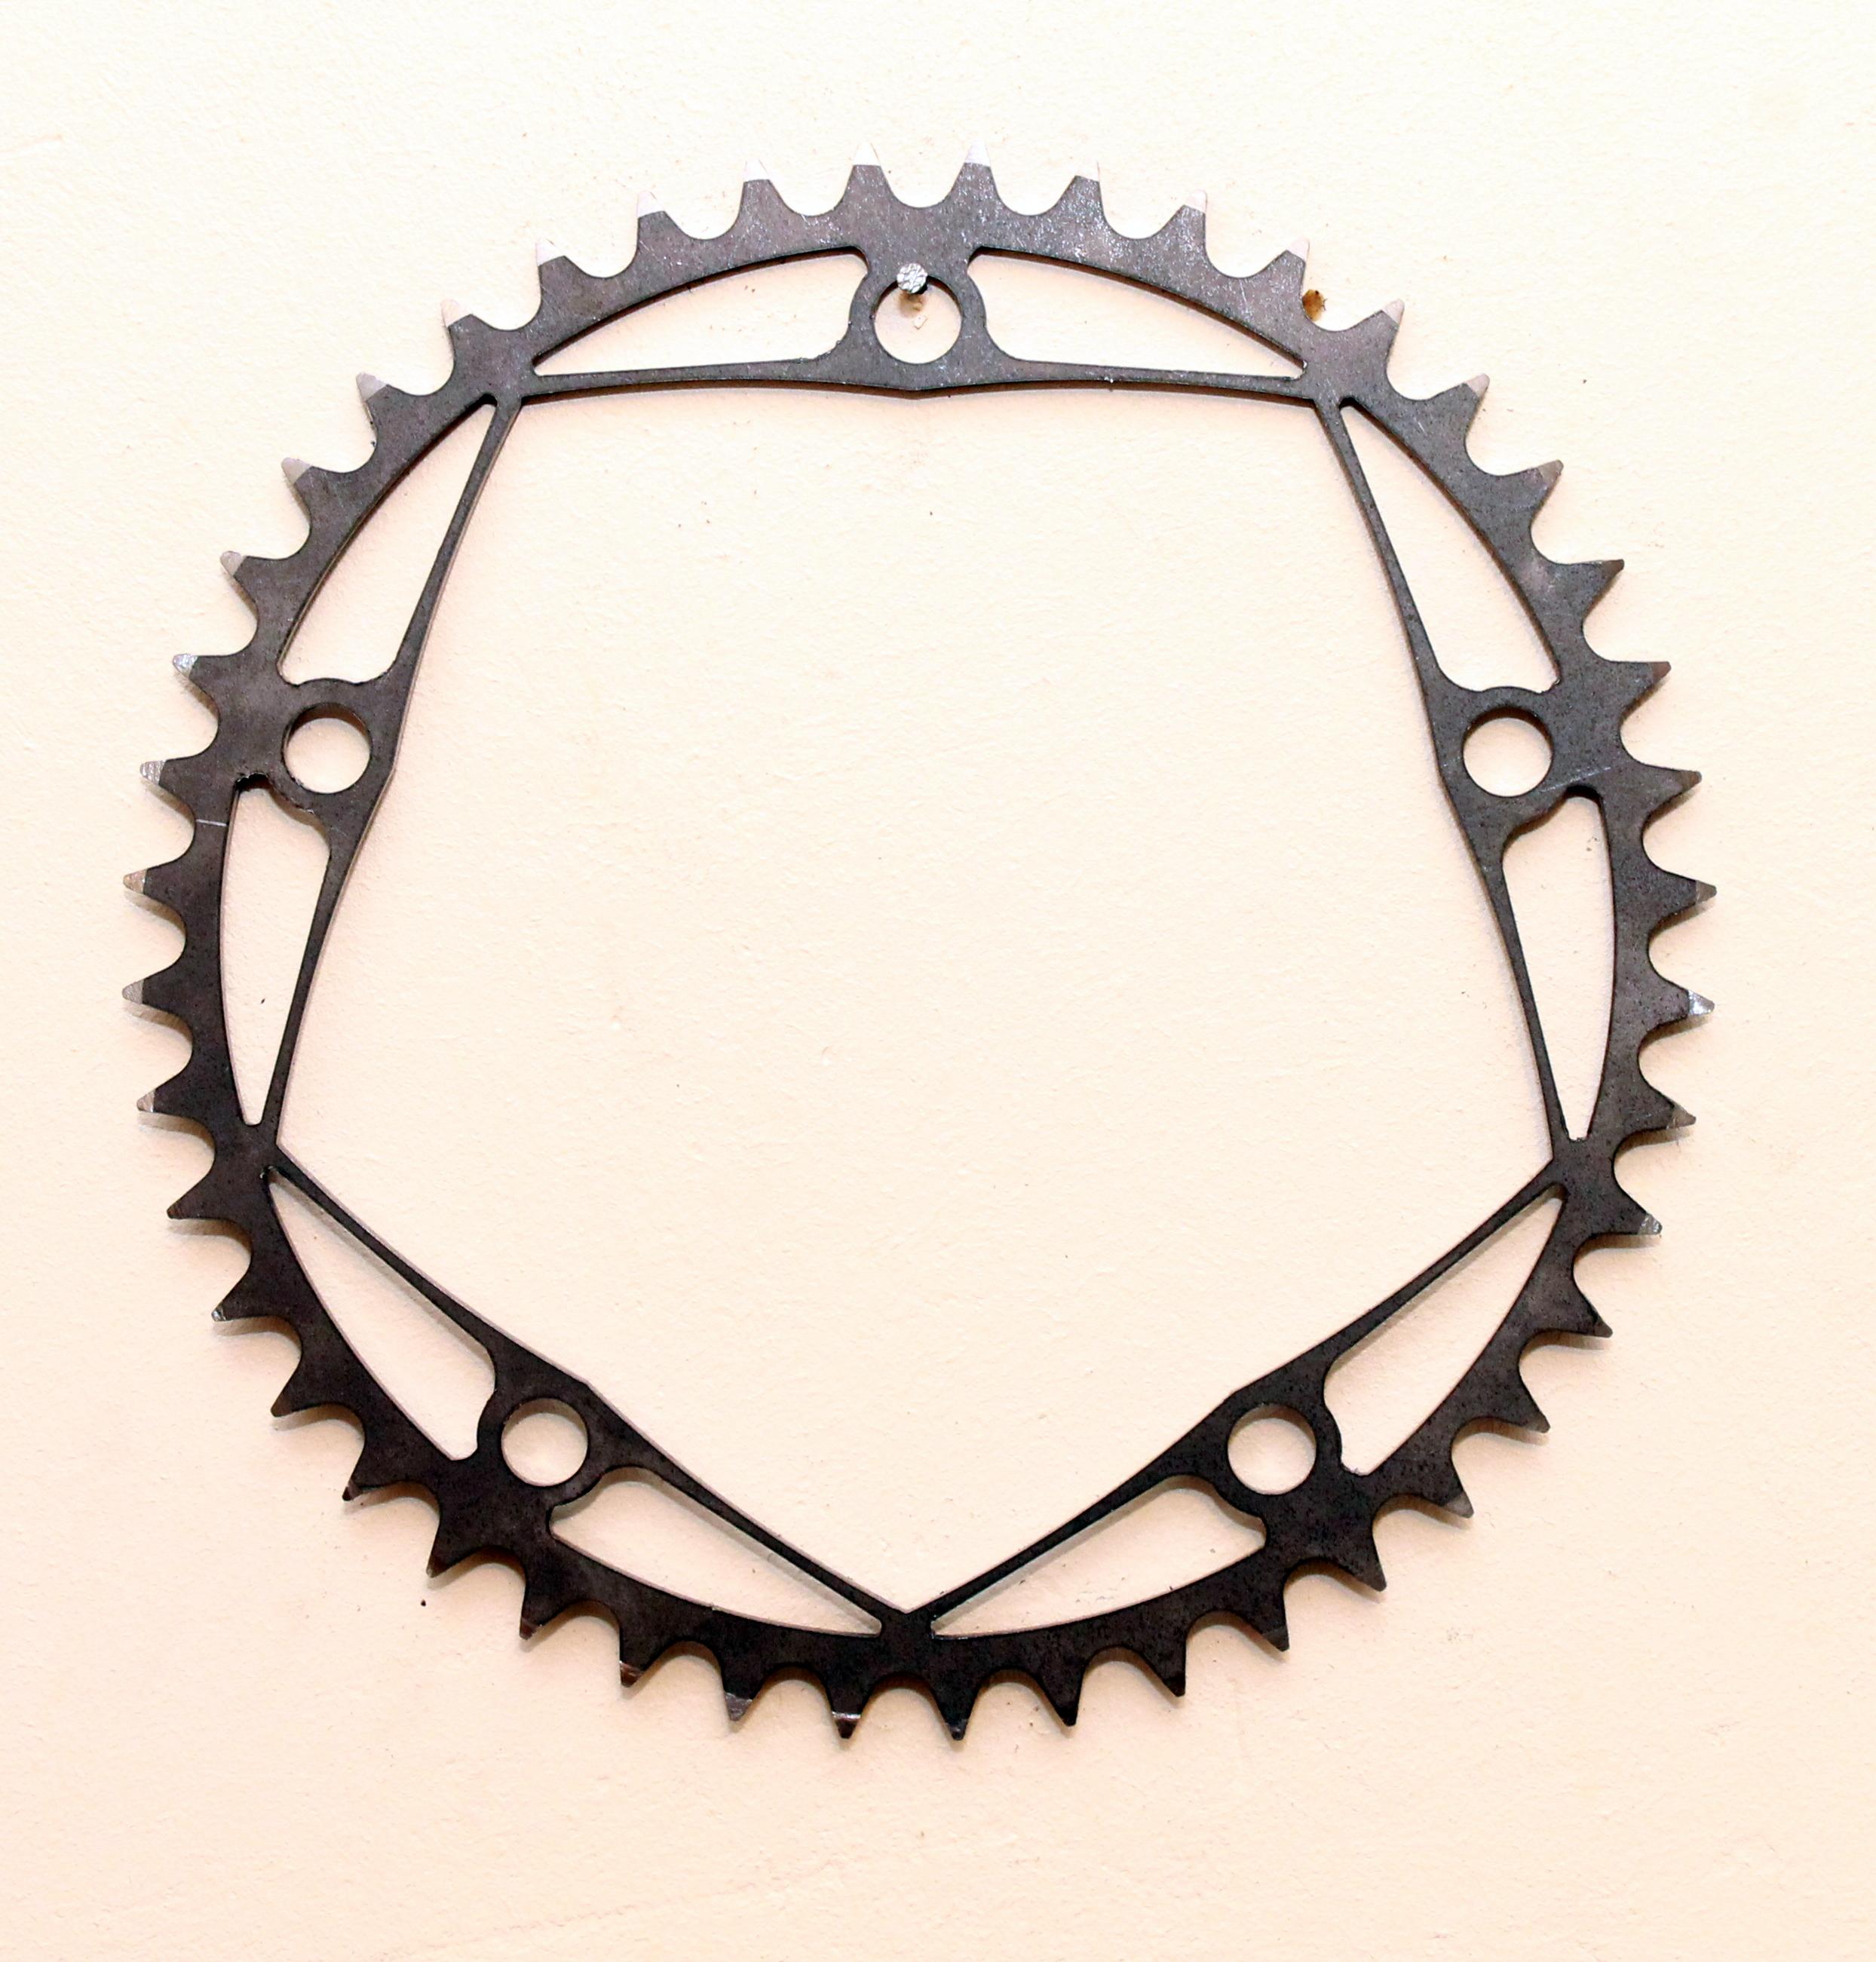 custom design round chainring